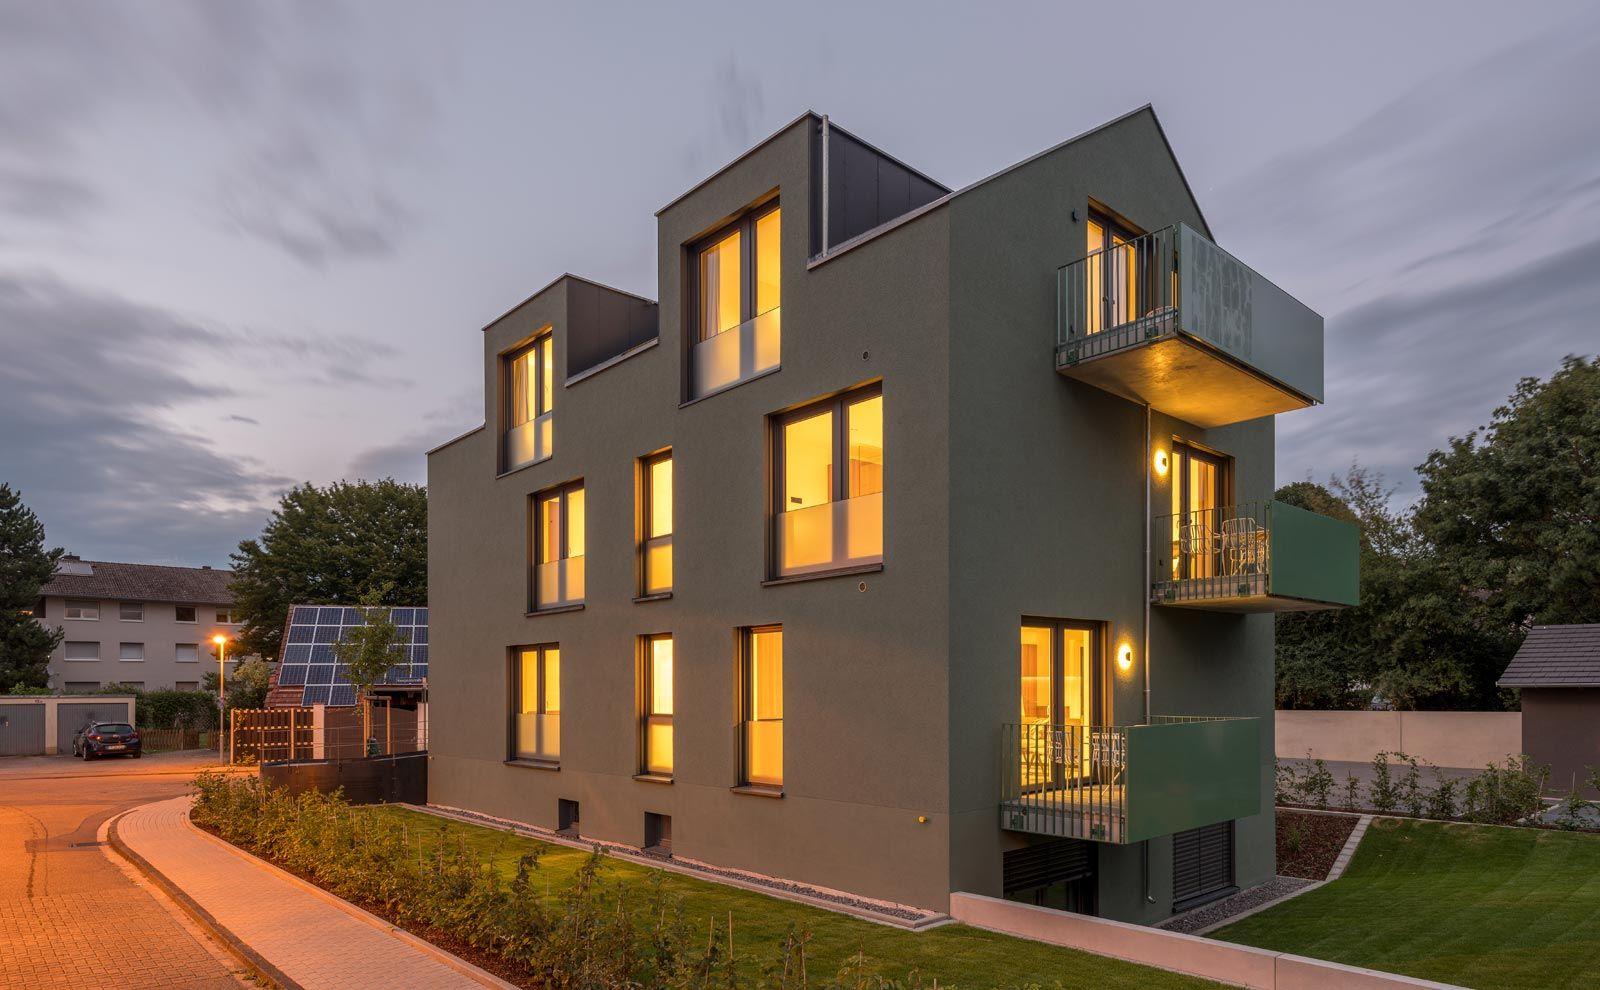 Gästehaus Jopa Joma mit grüner Putzfassade in der Dämmerung